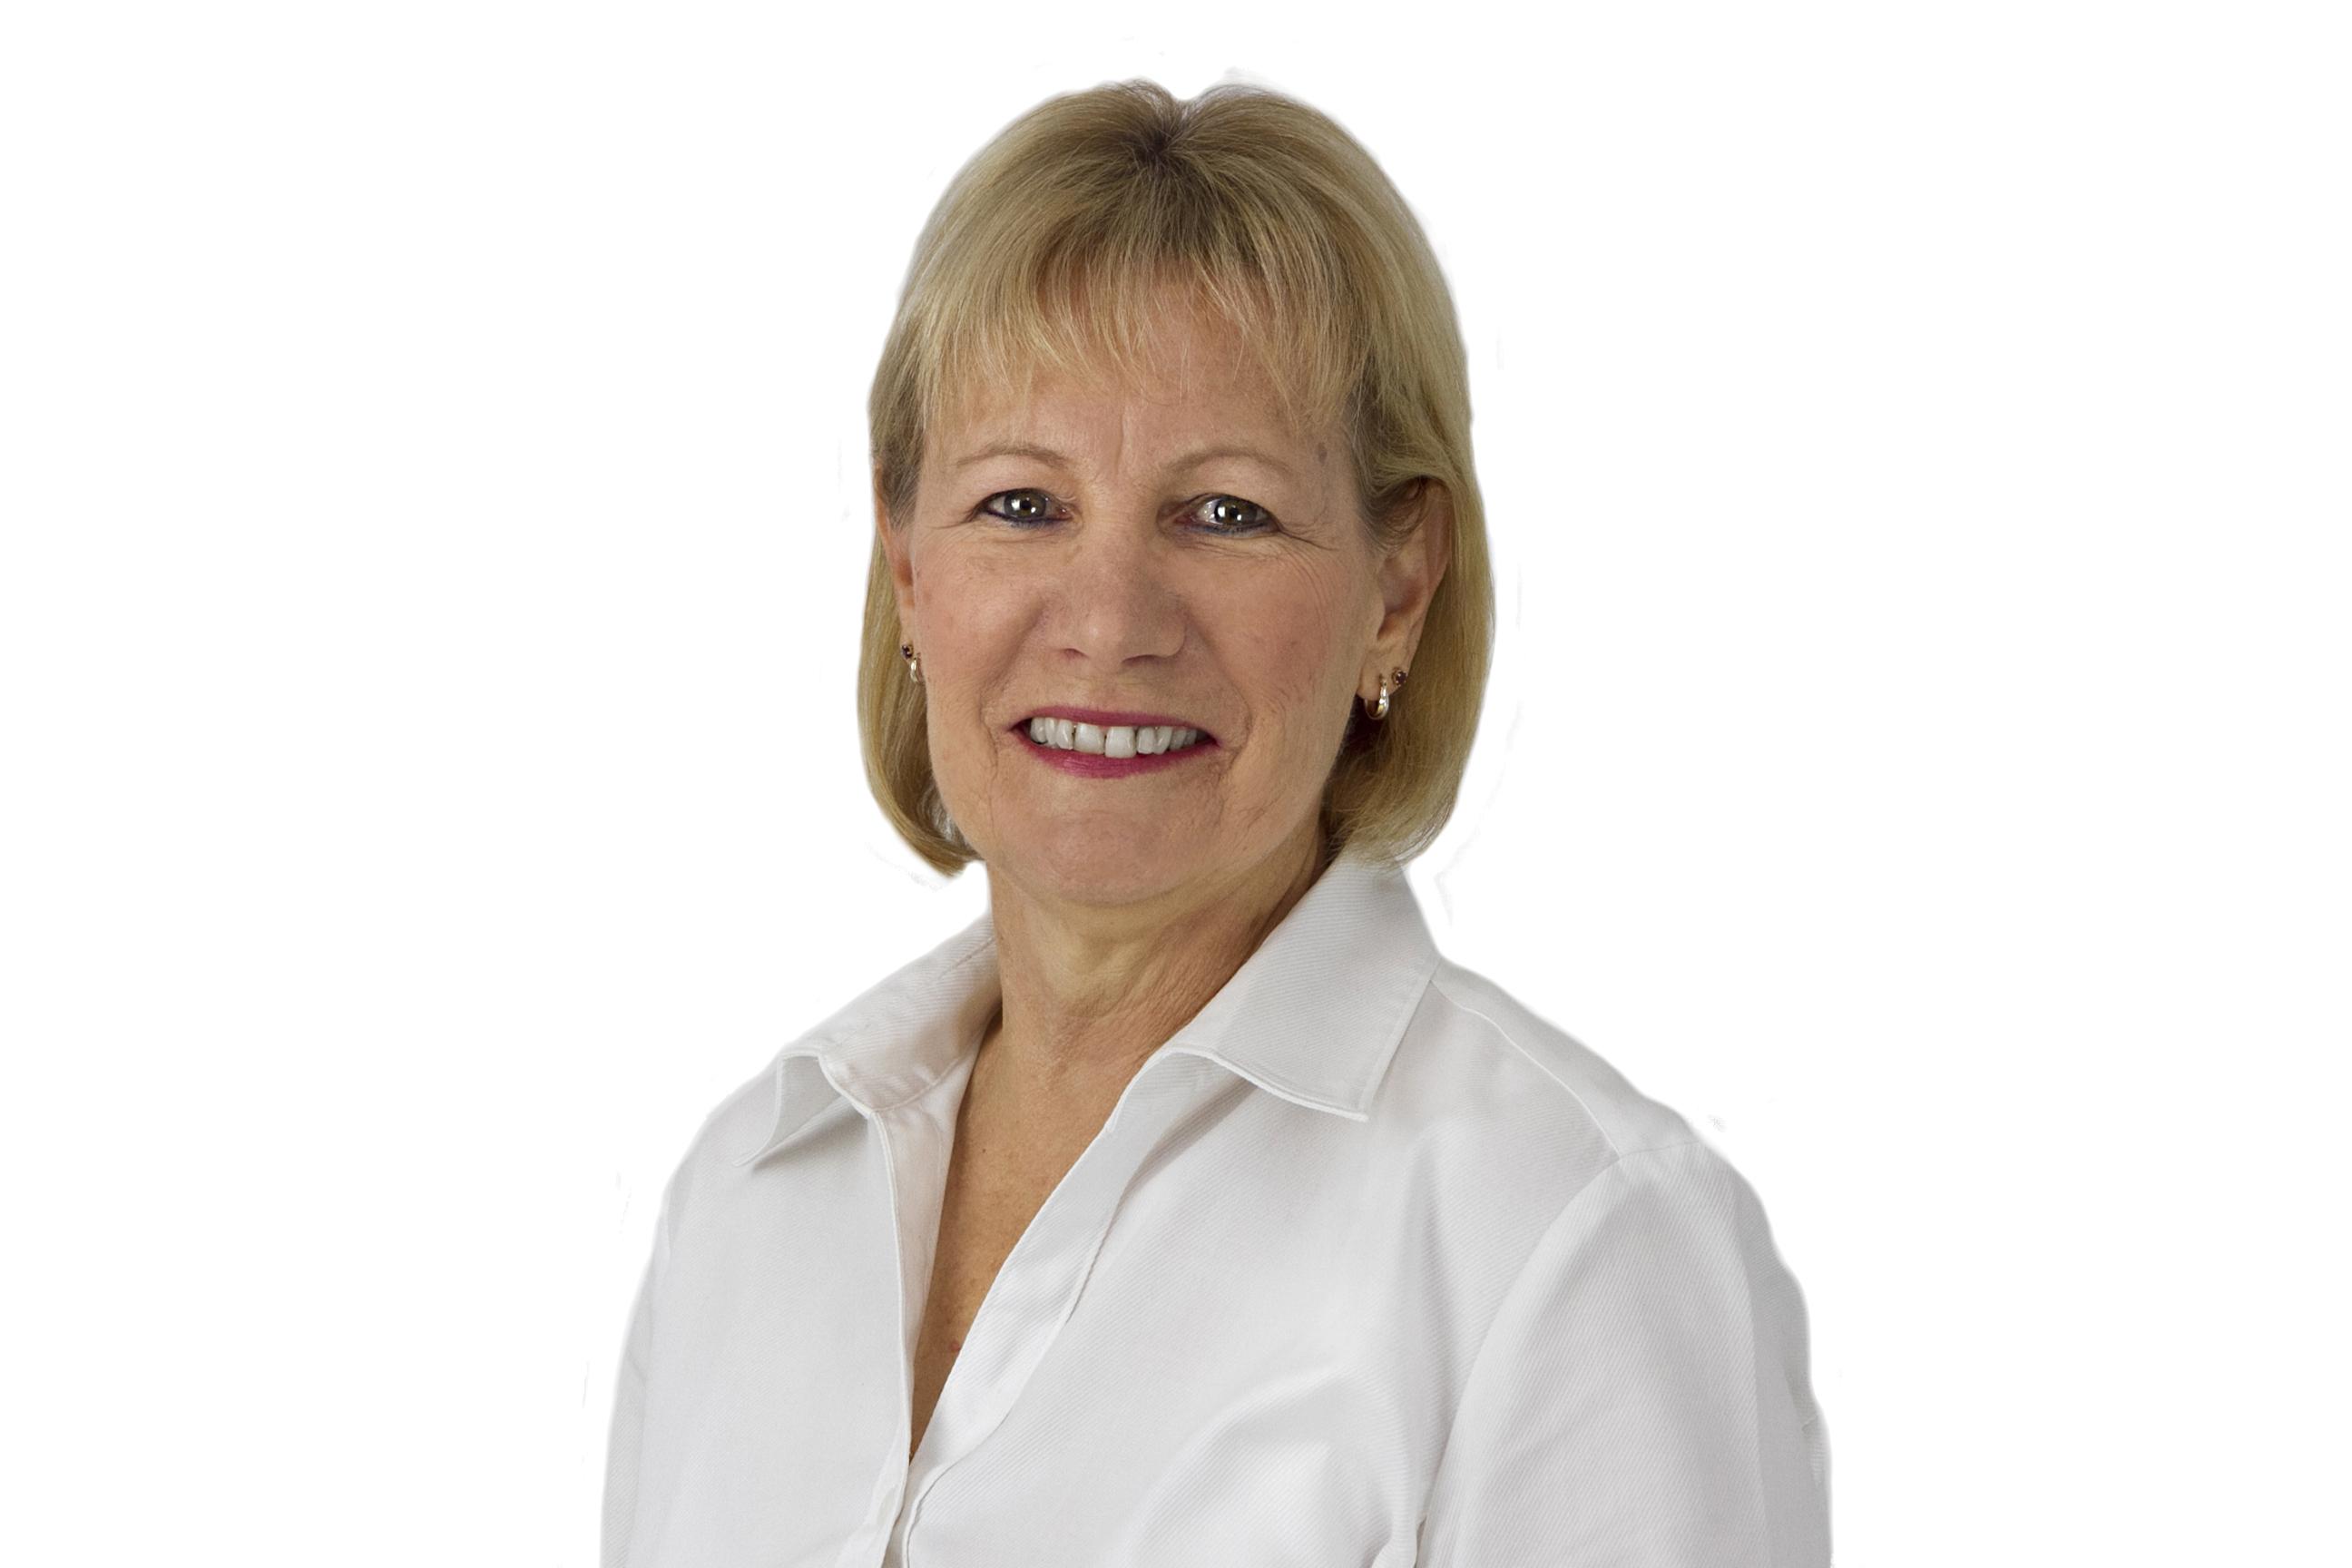 Dianne Heinemann